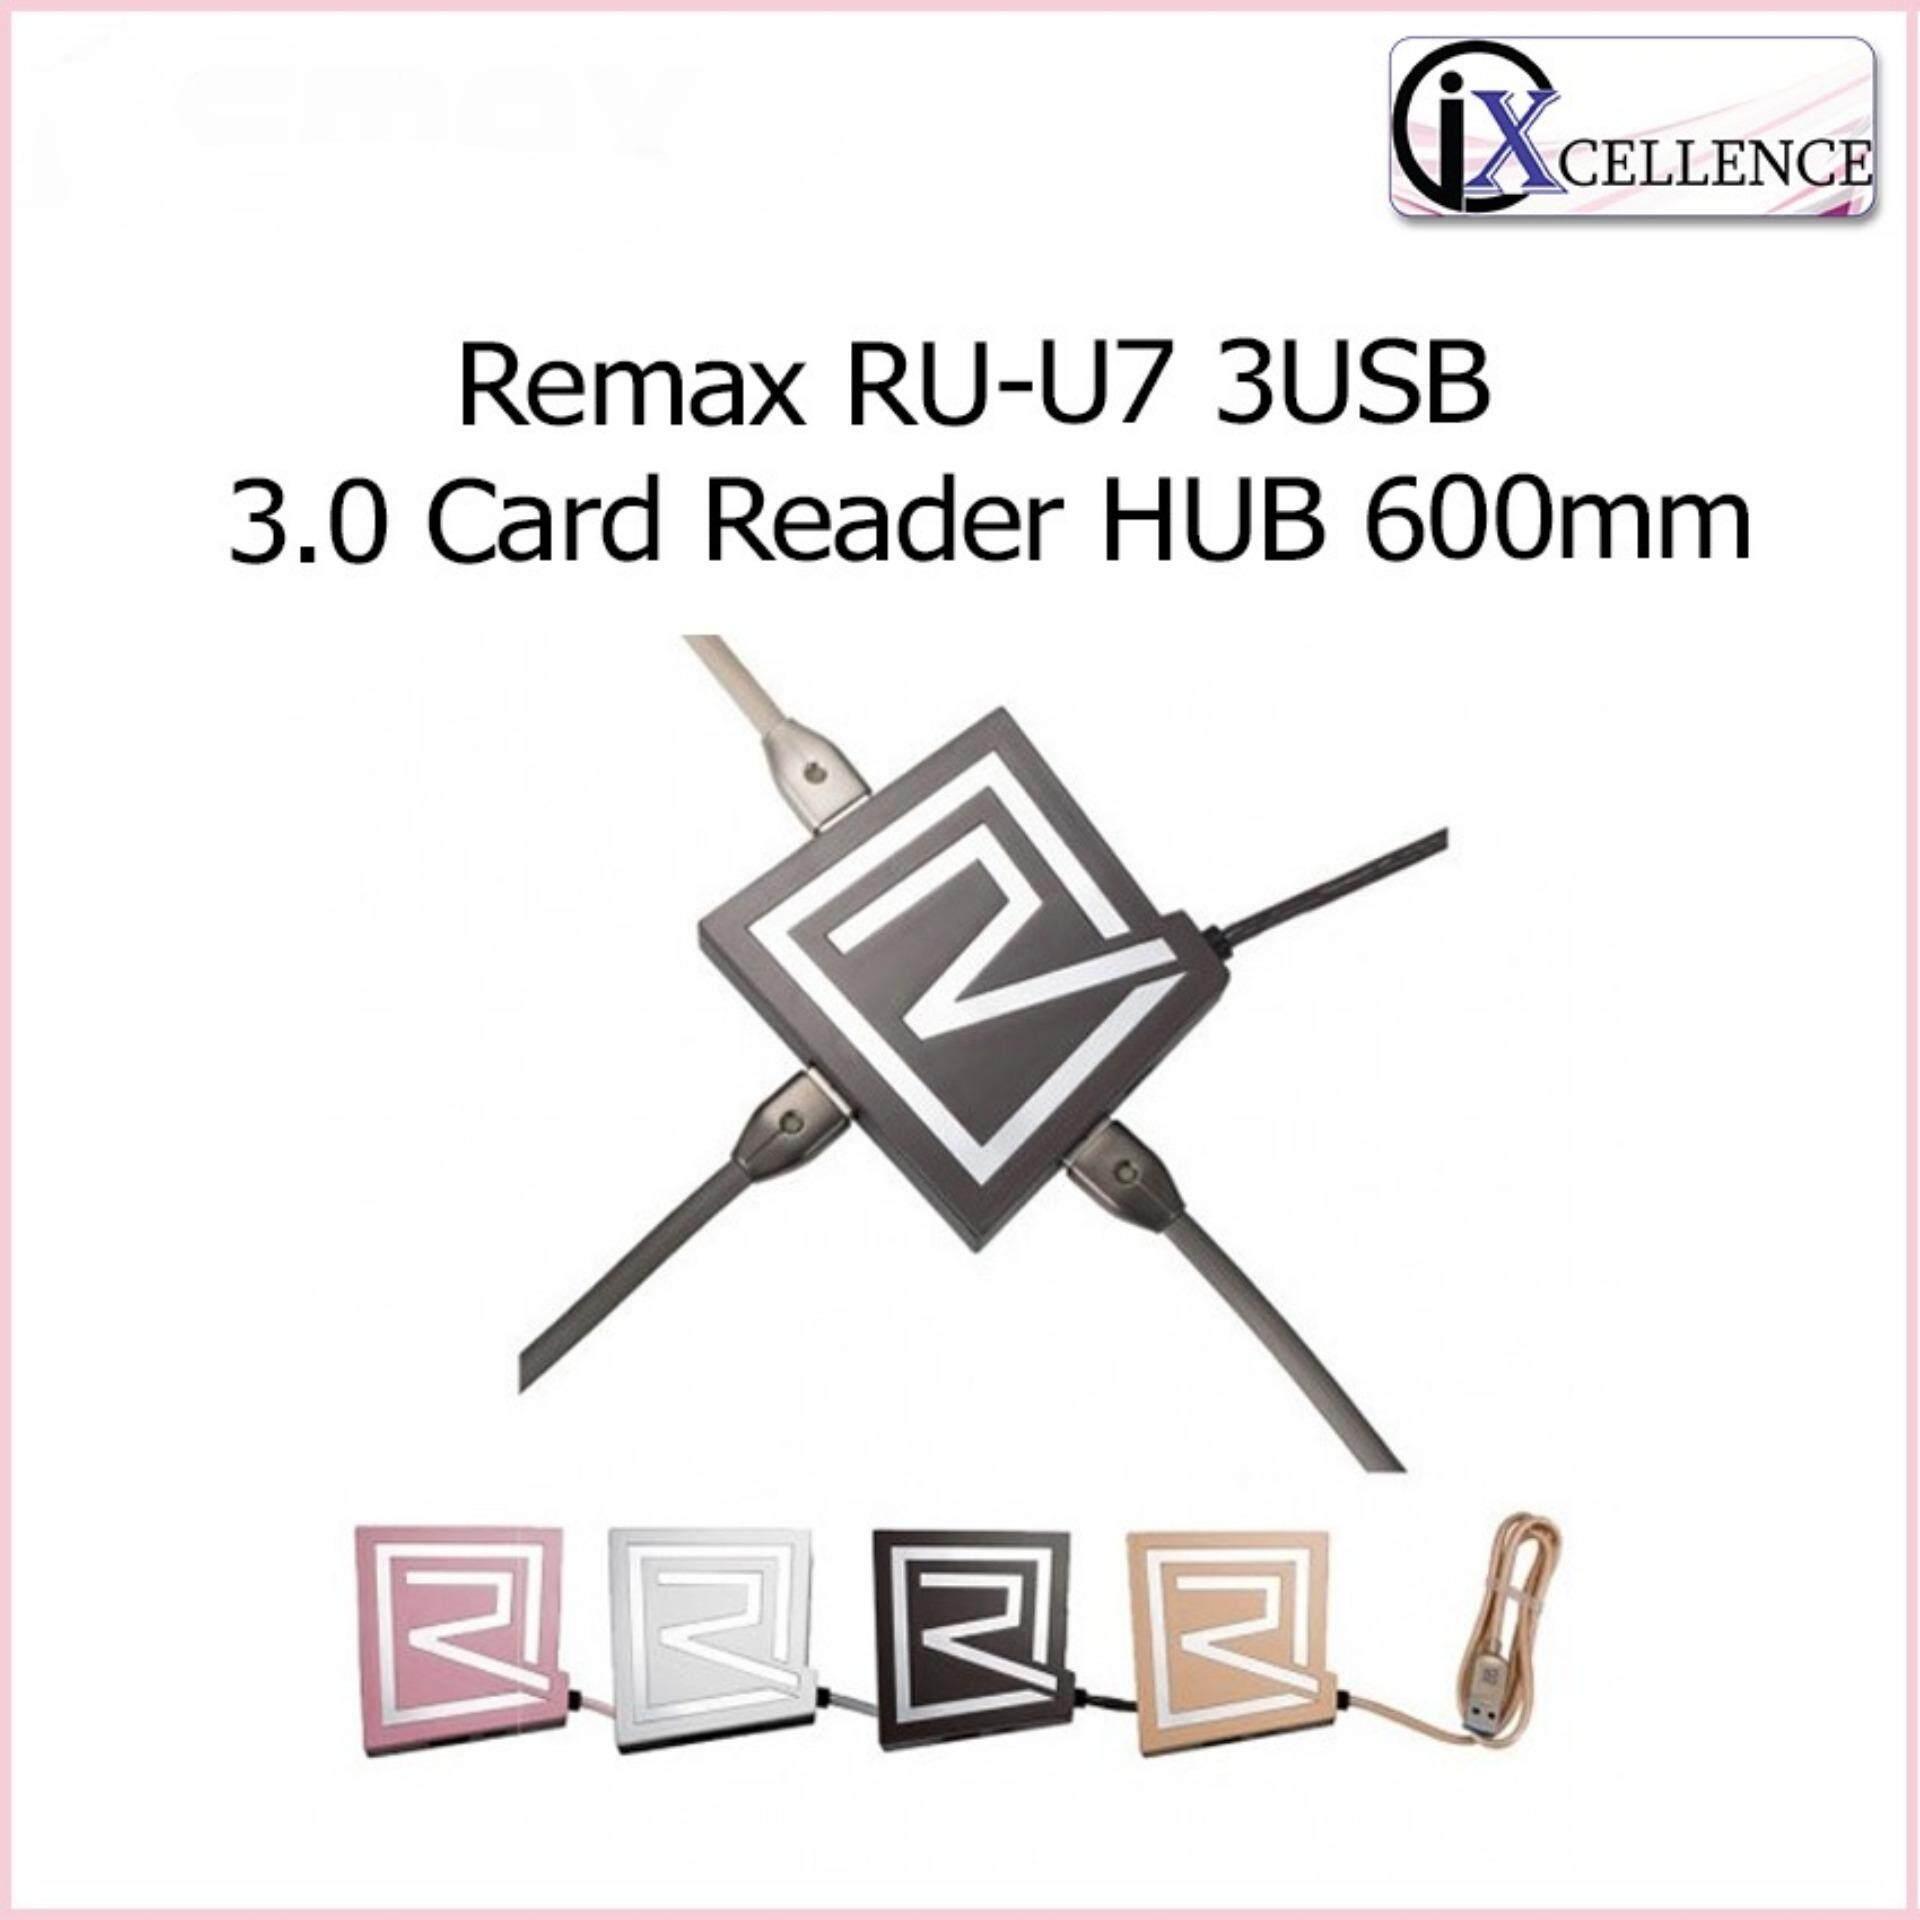 [IX] Remax RU-U7 3USB 3.0 Card Reader HUB 600mm (Rose Gold)